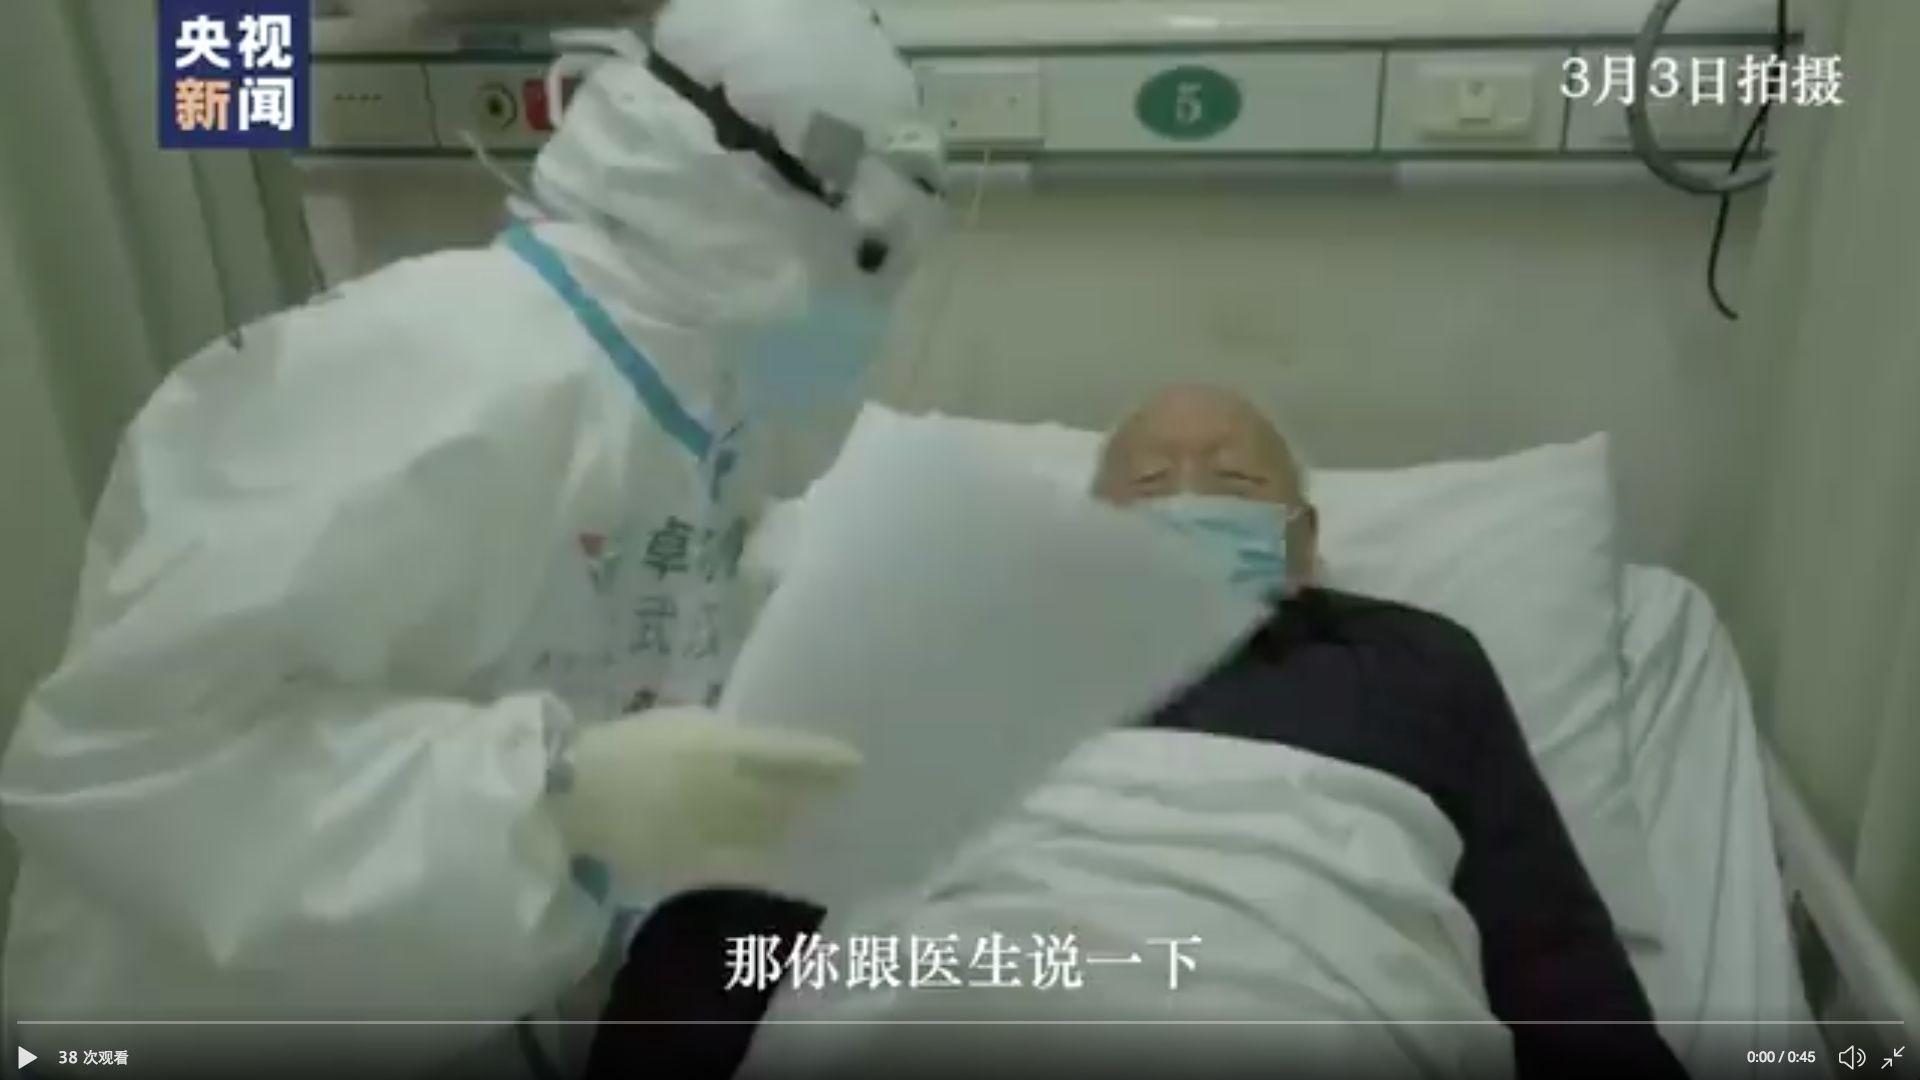 央視主旋律宣傳疑穿幫 老年患者竟被護士問懵